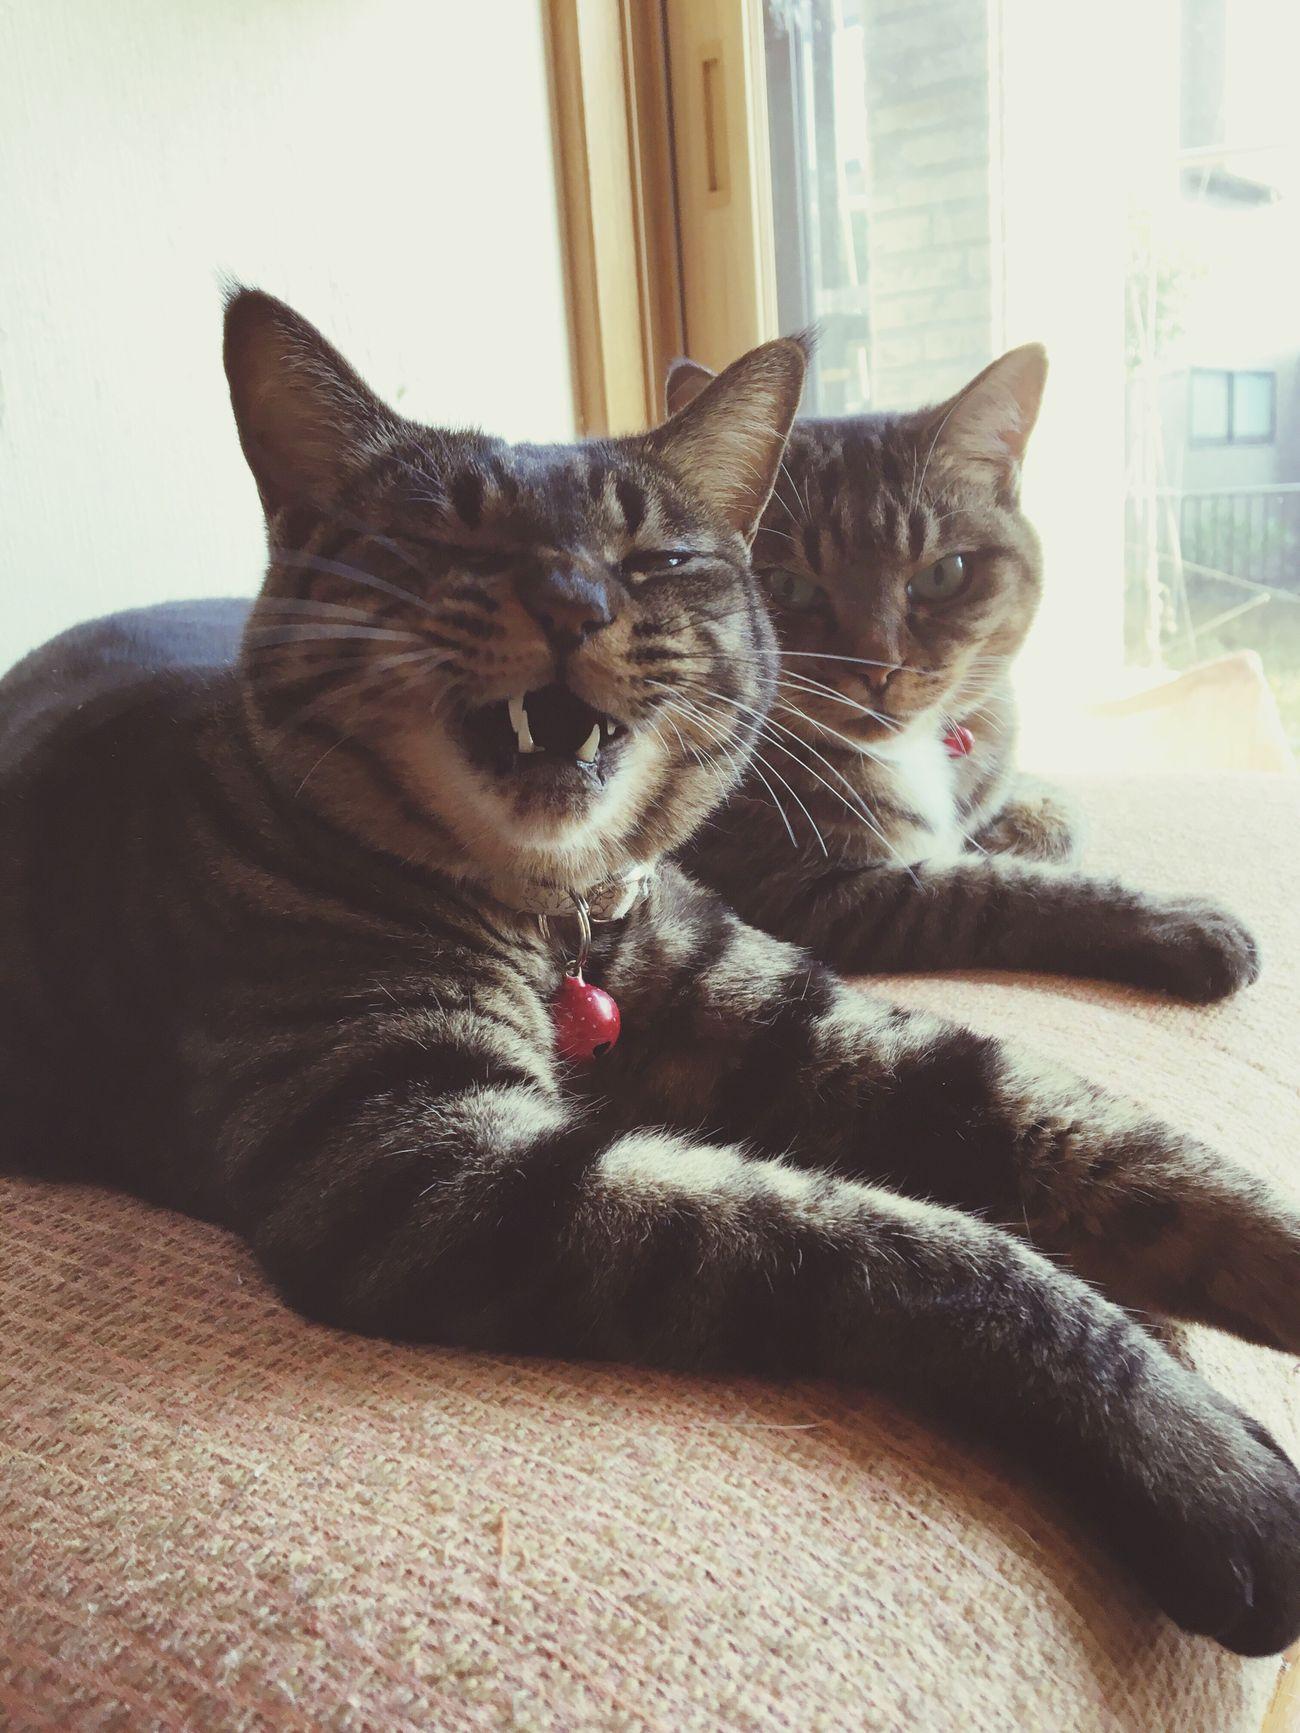 I Love My Cat My Cats Cat♡ Cat Animal Animals Cats Of EyeEm Cats 🐱